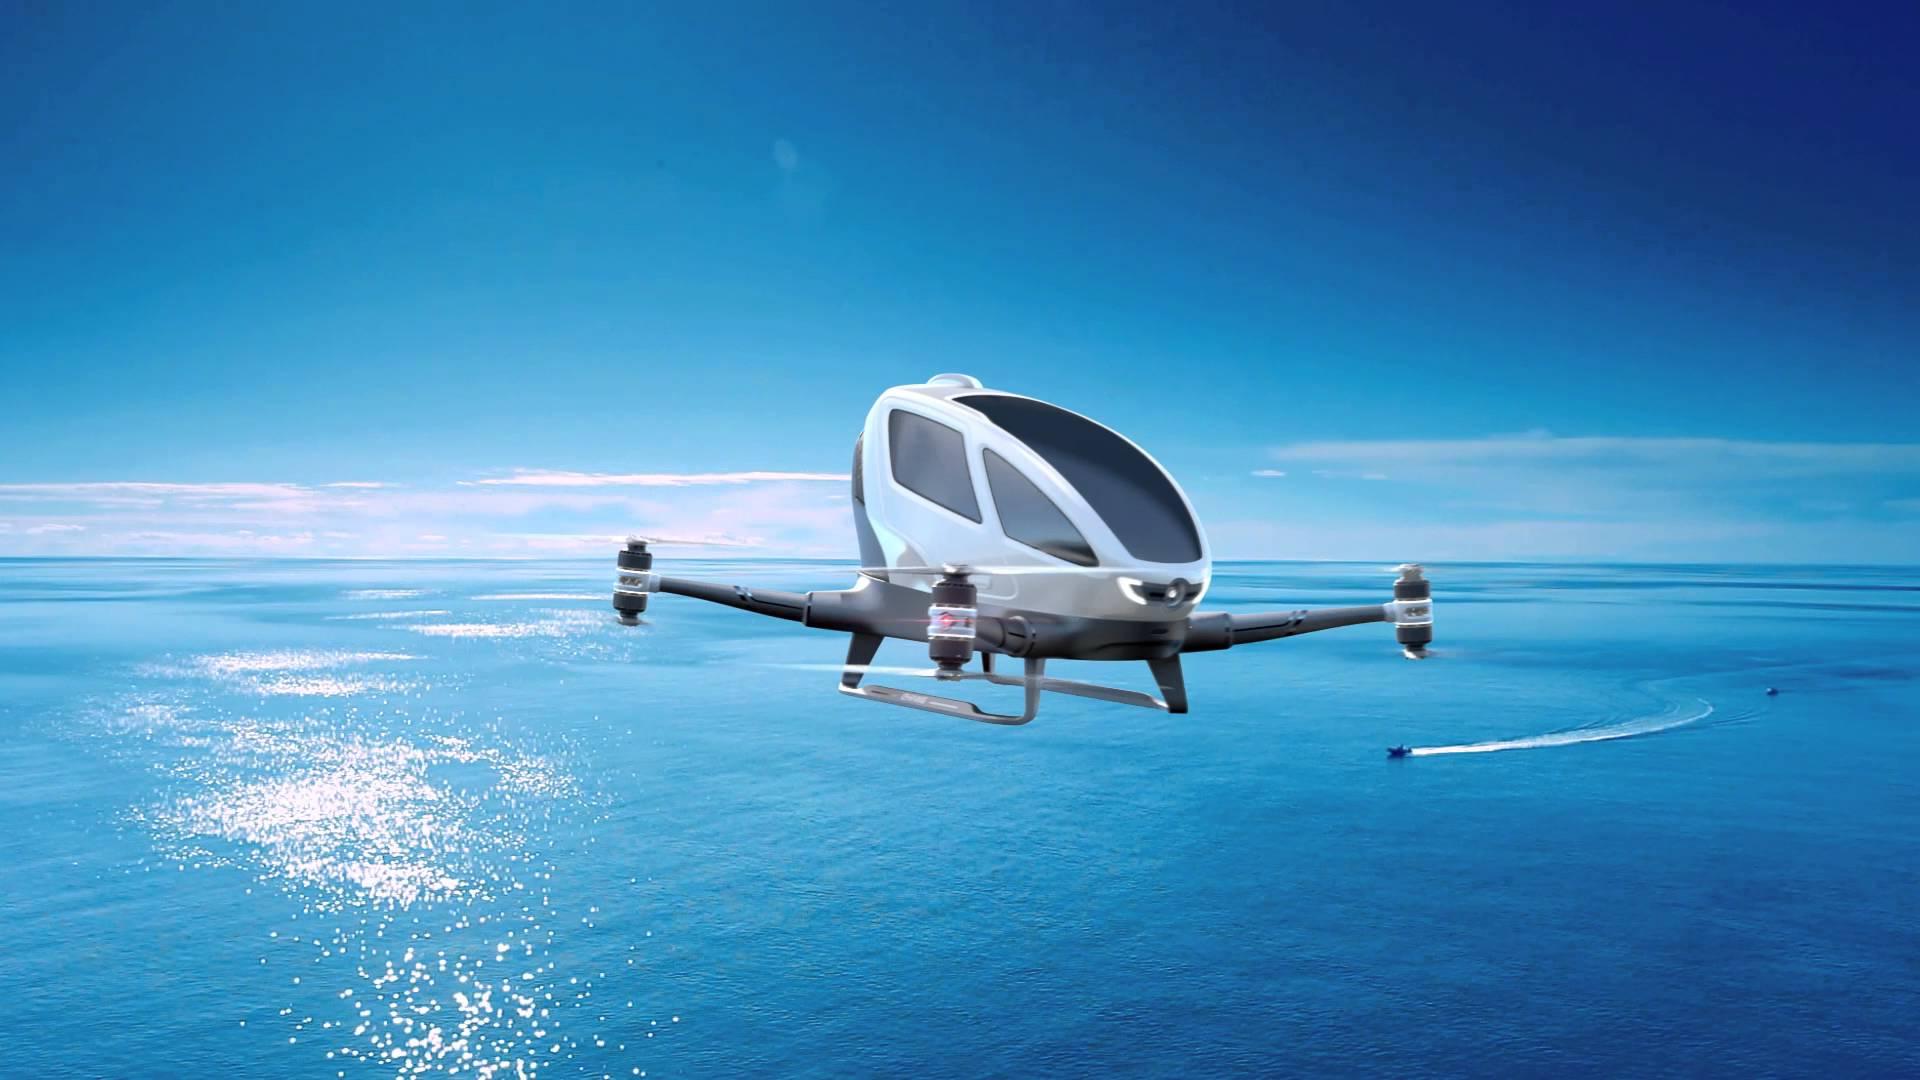 Așa arată drona produsă de chinezii de la eHang (Foto: Youtube)